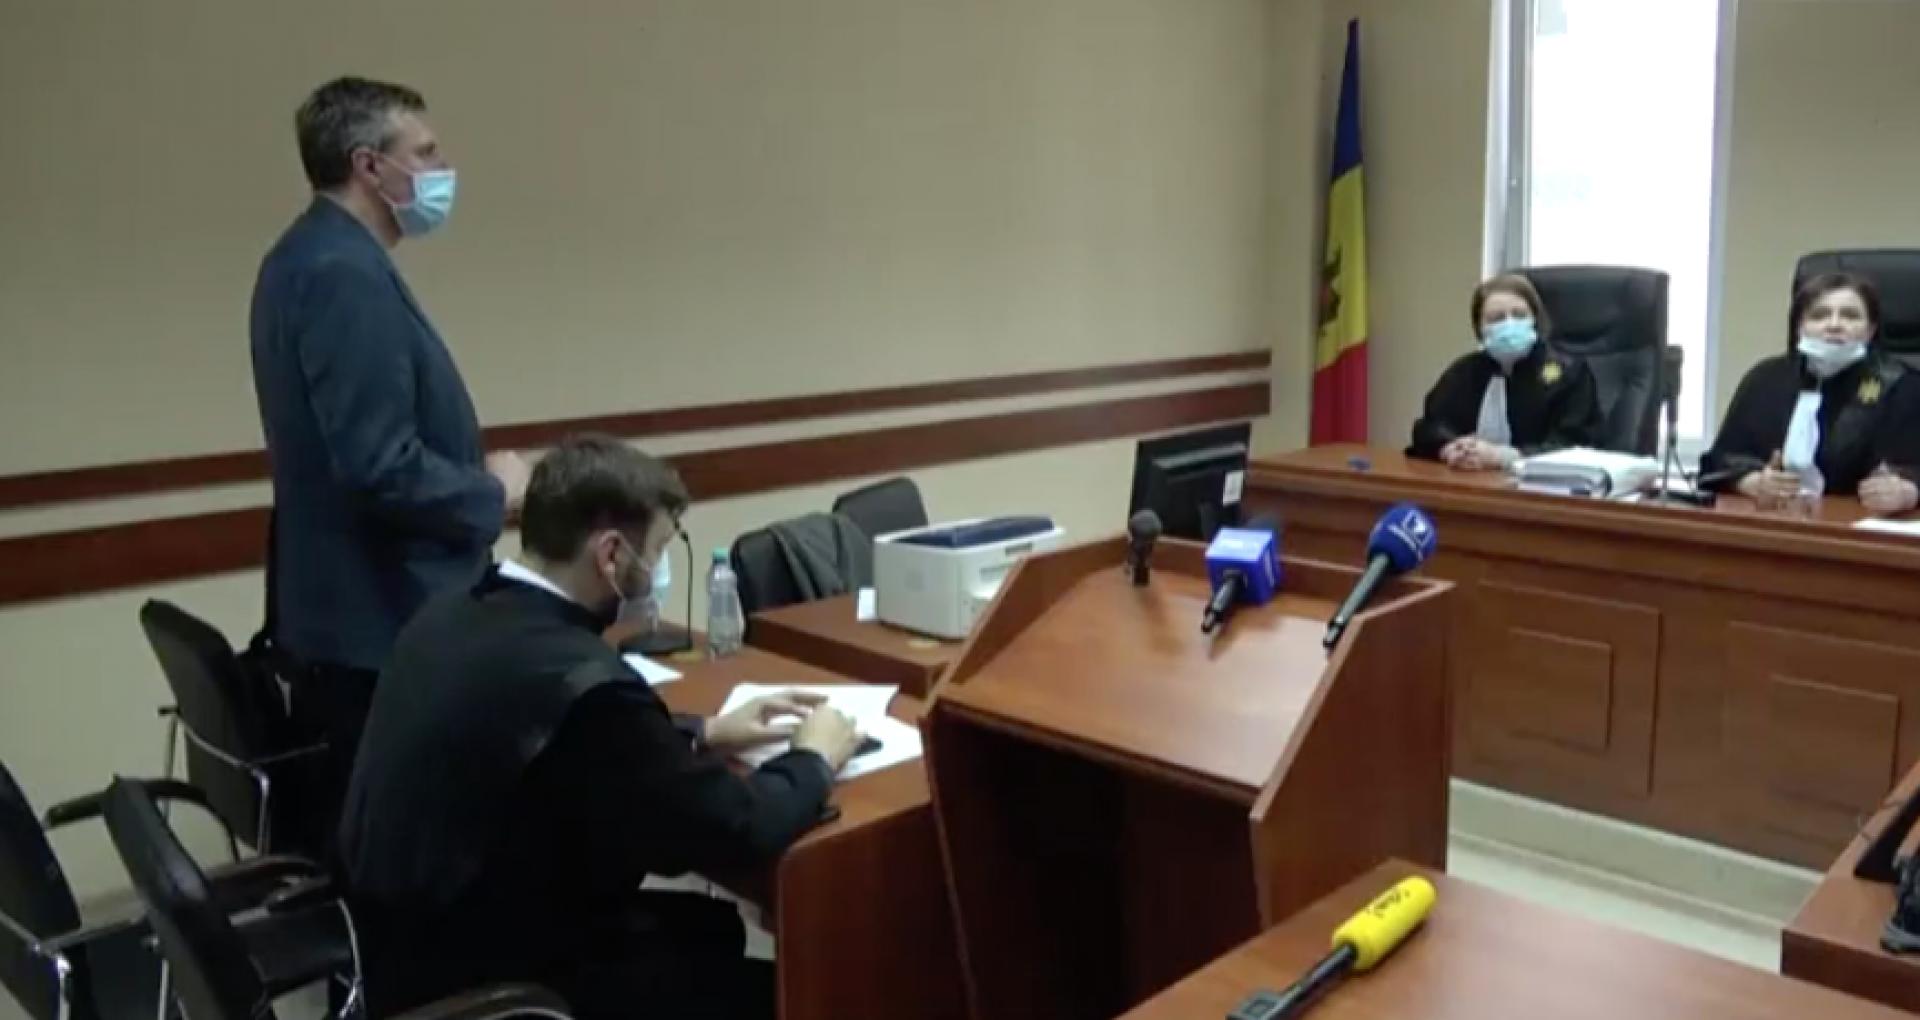 VIDEO/ Curtea de Apel examinează contestațiile depuse de mai multe partide în legătură cu decizia CEC privind secțiile de votare în străinătate. Cererea de recuzare a completului de magistrați, respinsă